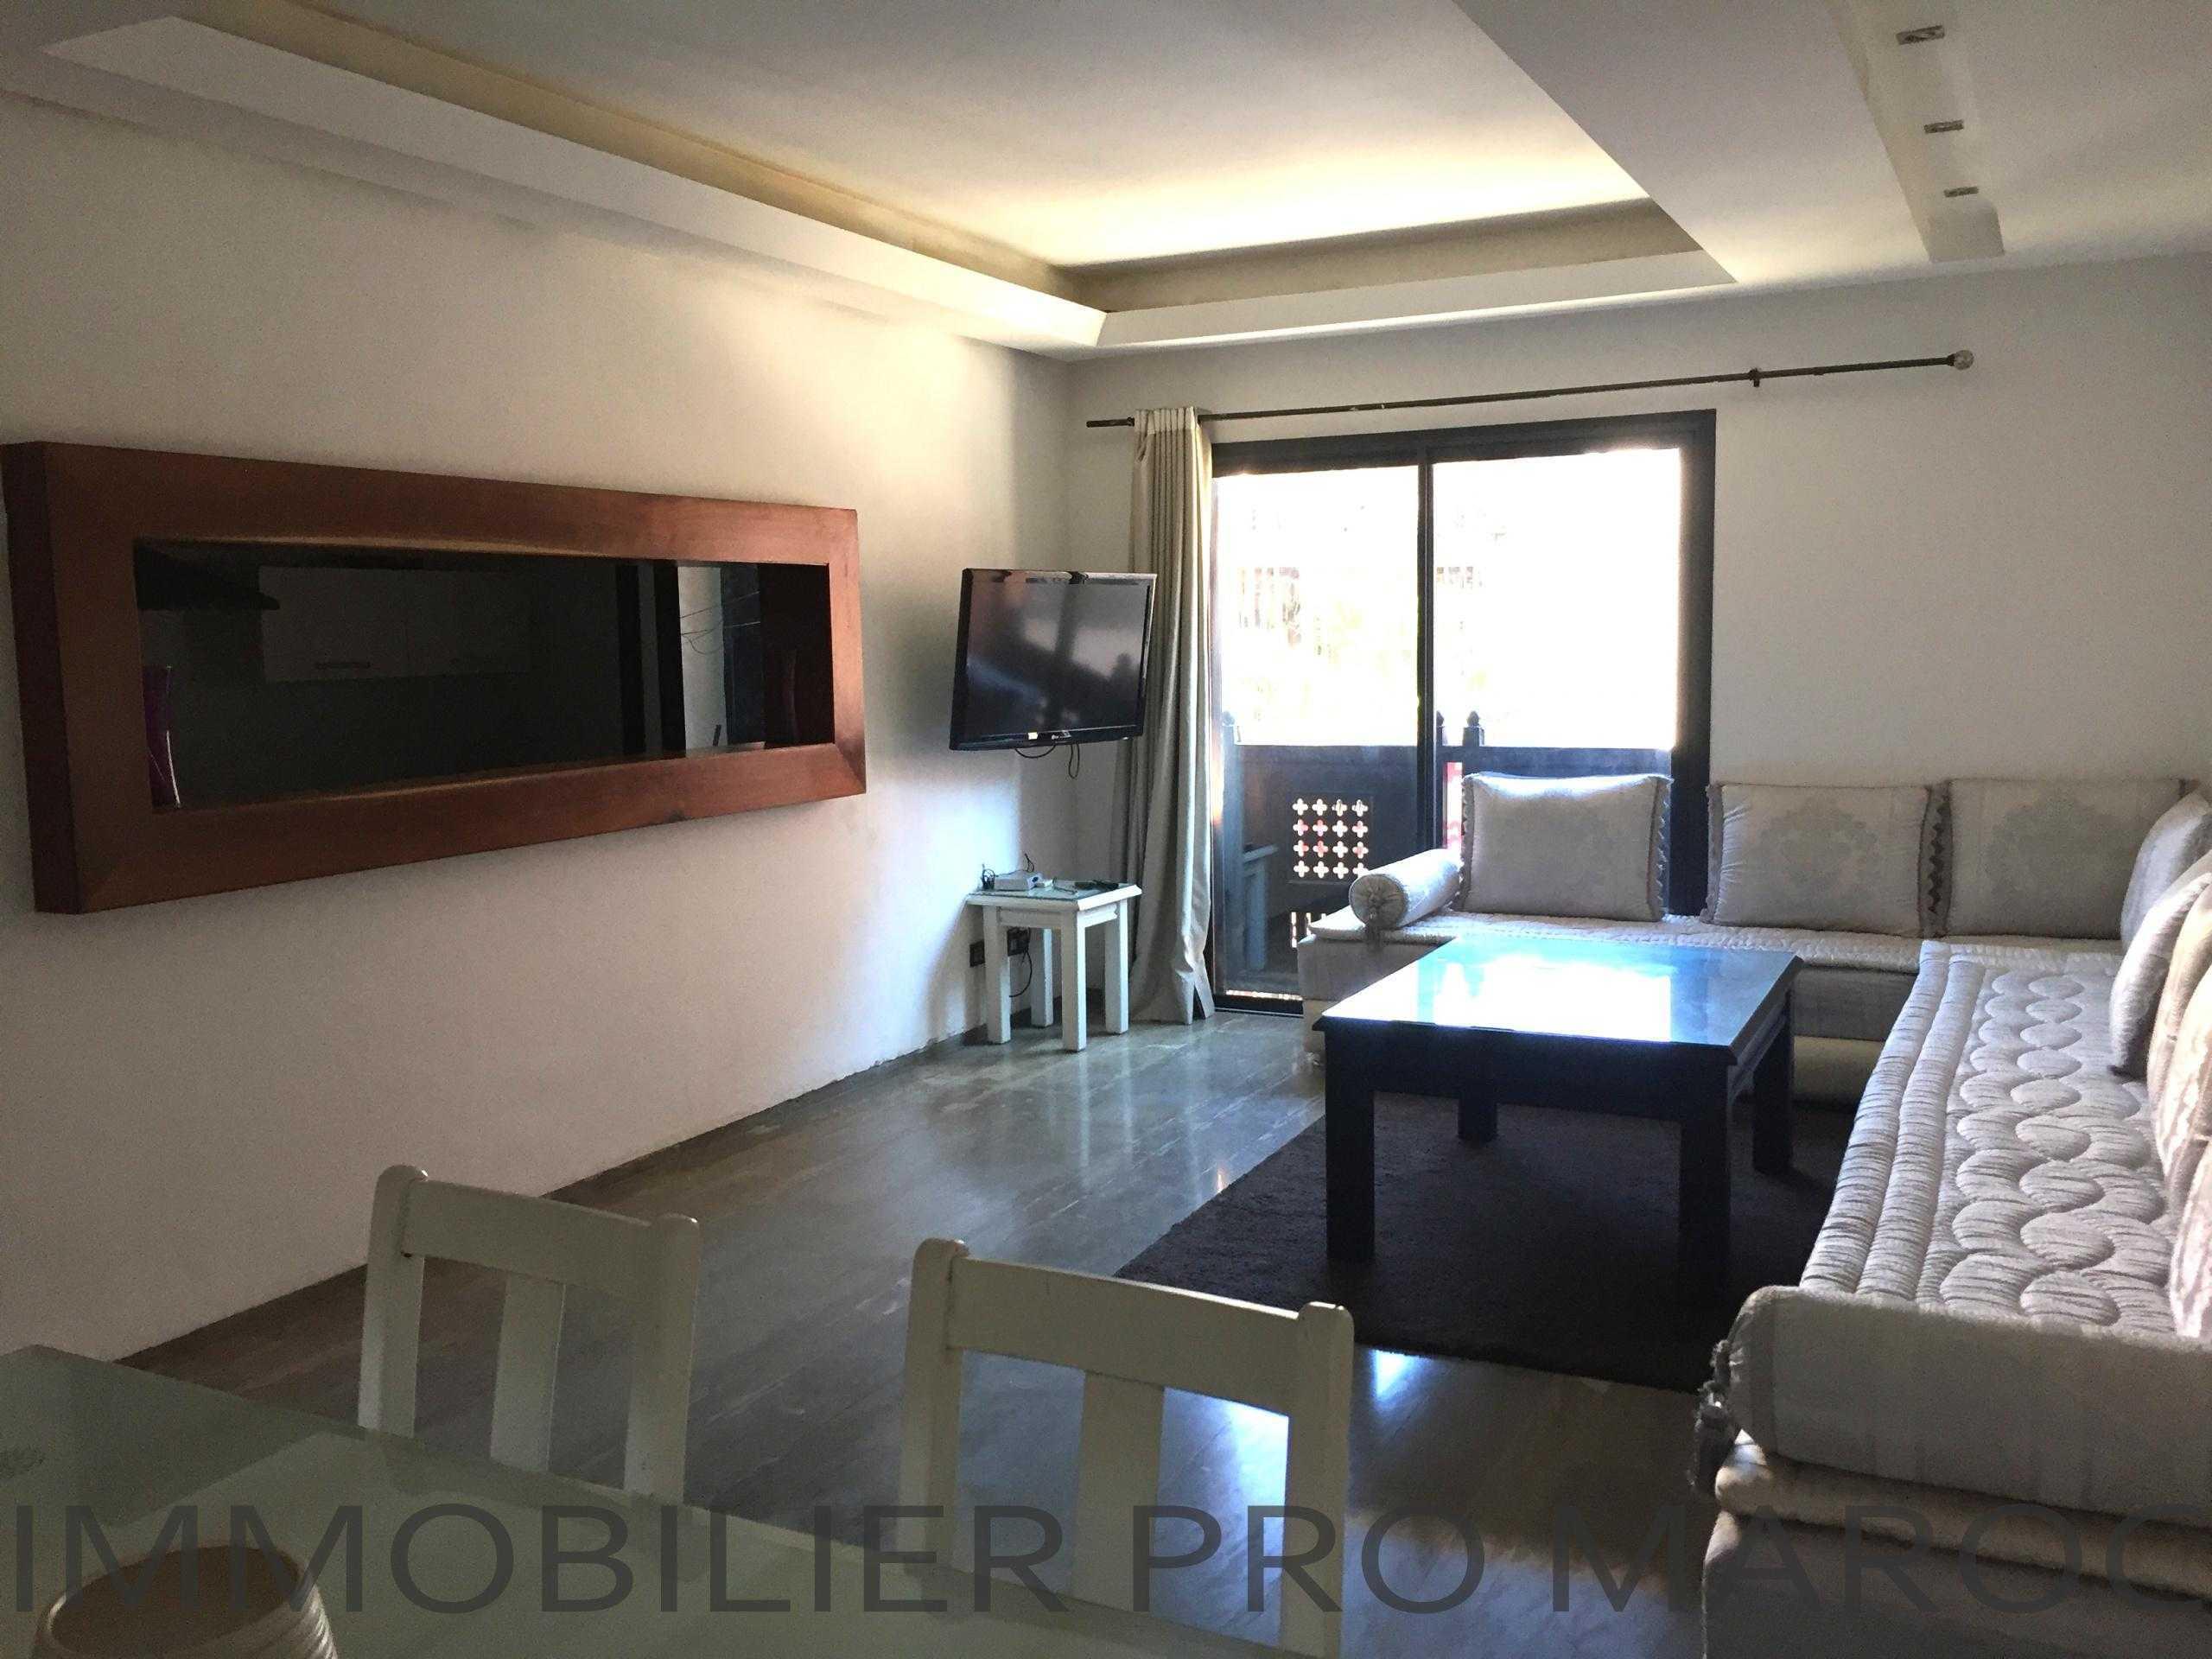 Charmant Appartement Moderne Café La Flamme